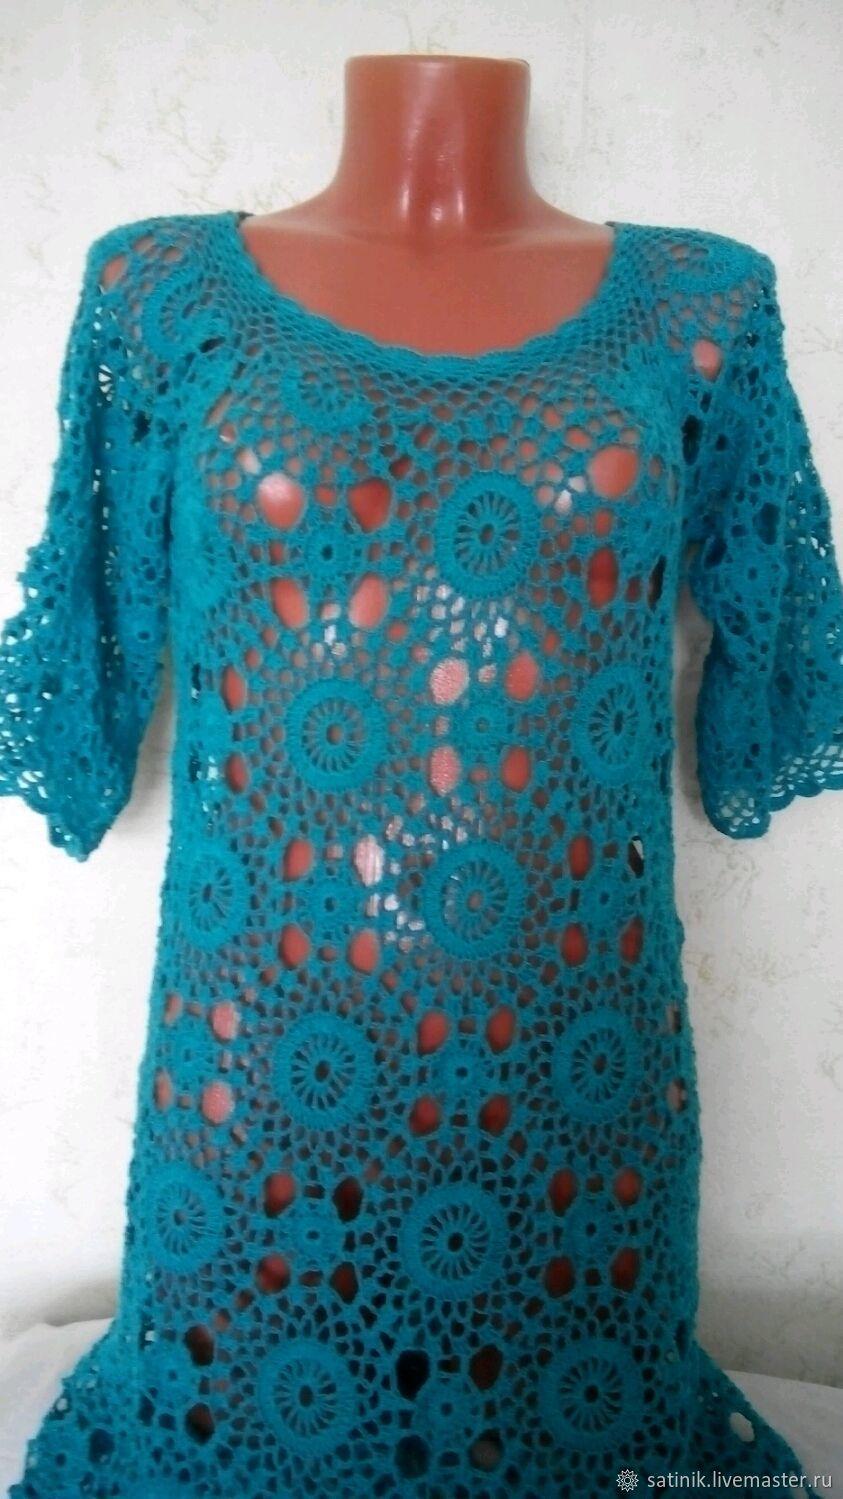 Dress knitted the deep Sea, Dresses, Kamyshin,  Фото №1